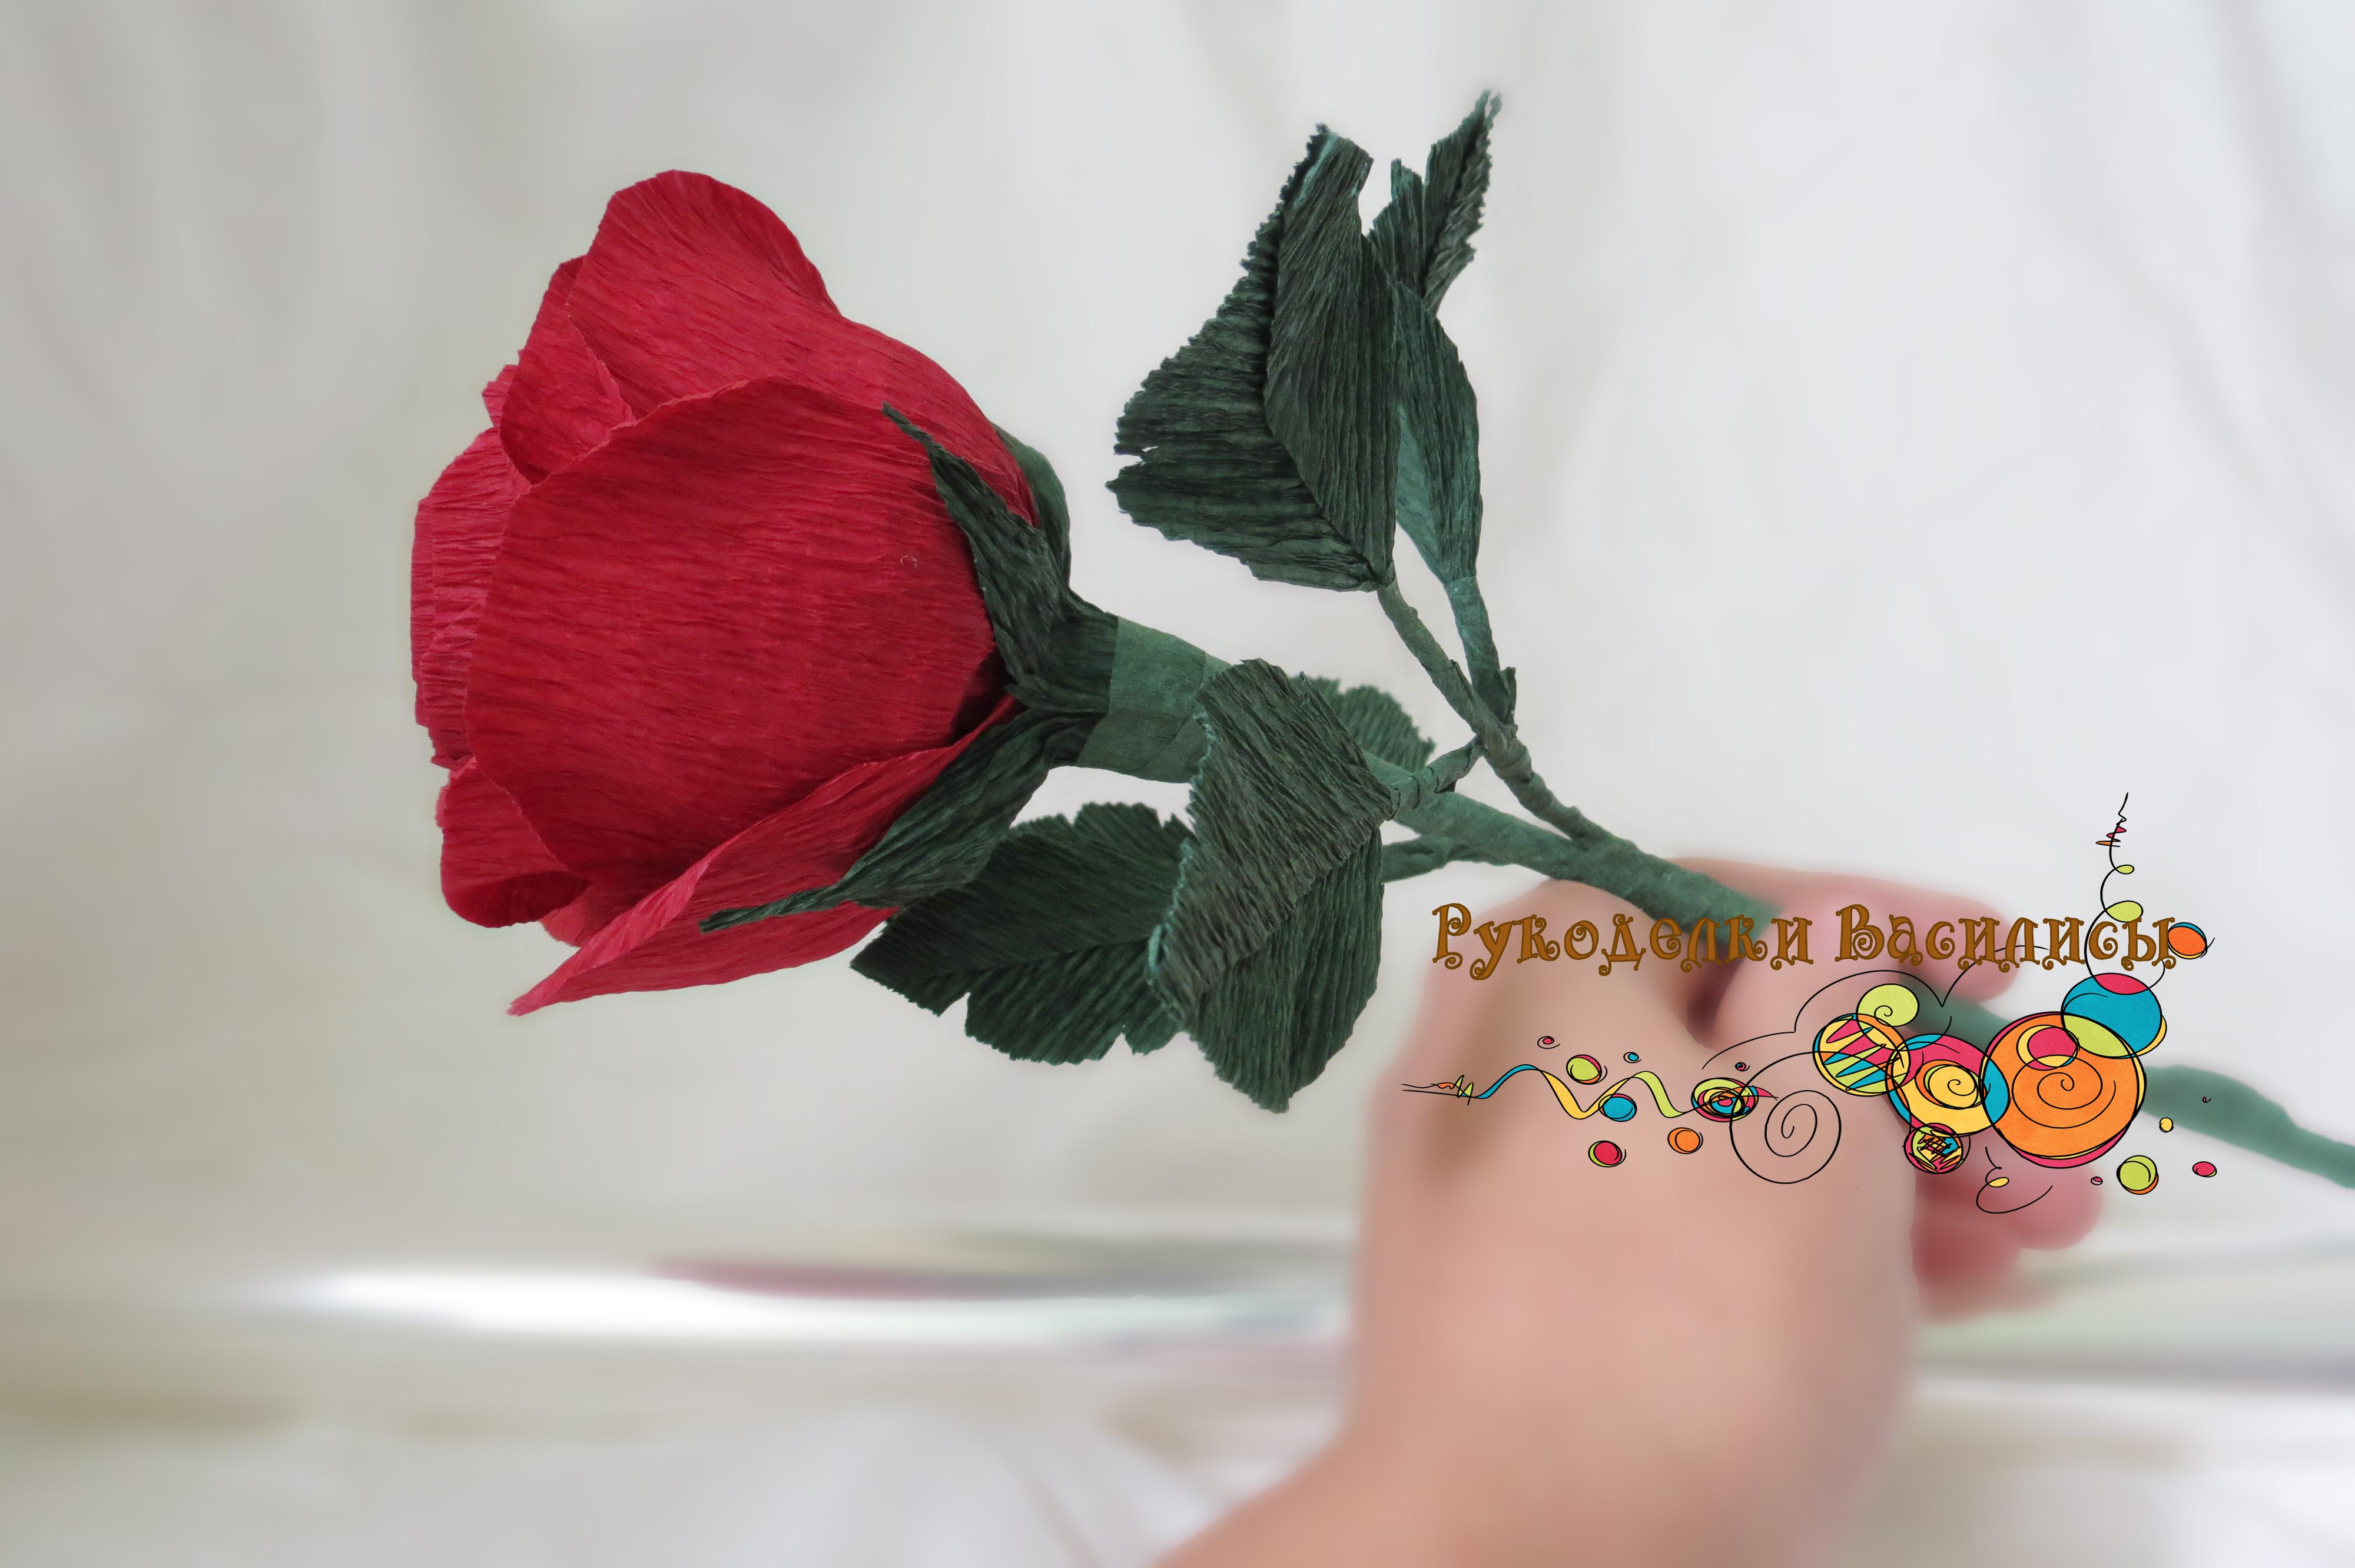 свит-дизайн, букет из конфет, розы с конфетами, цветы из гофрированной бумаги, мини-букеты, подарки, рукоделки василисы